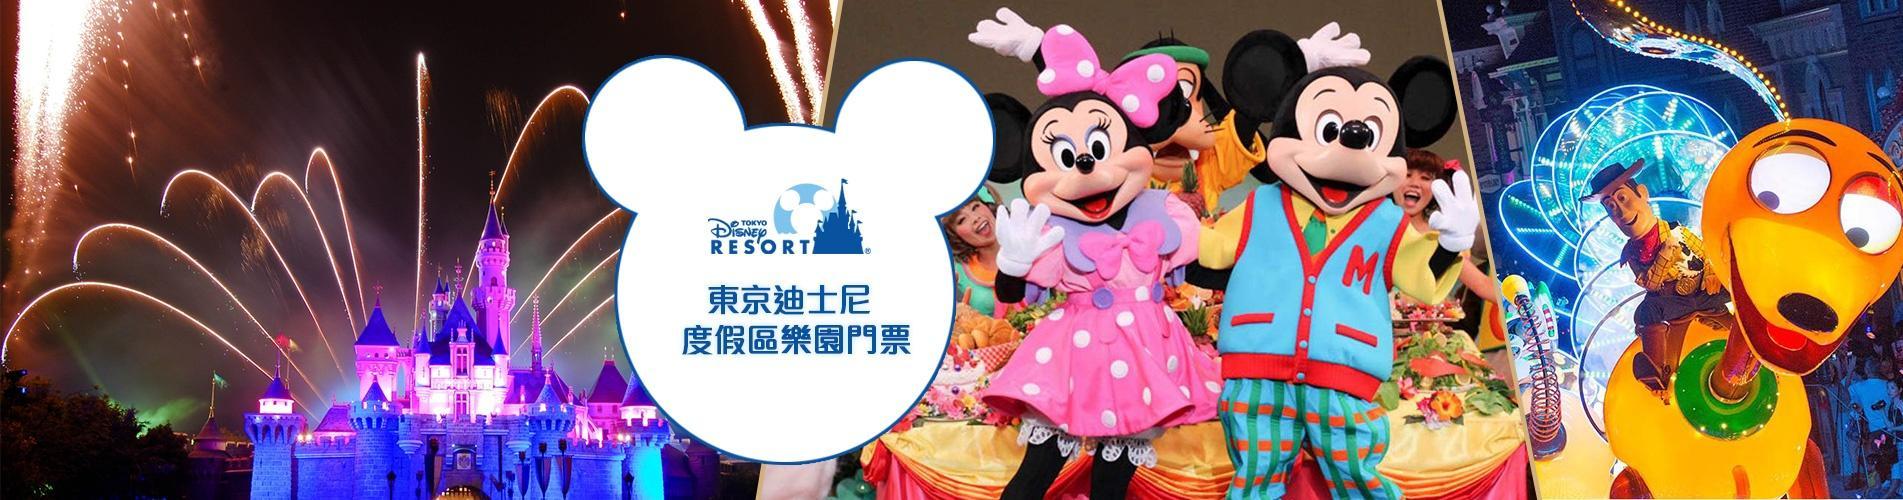 東京迪士尼度假區樂園門票優惠